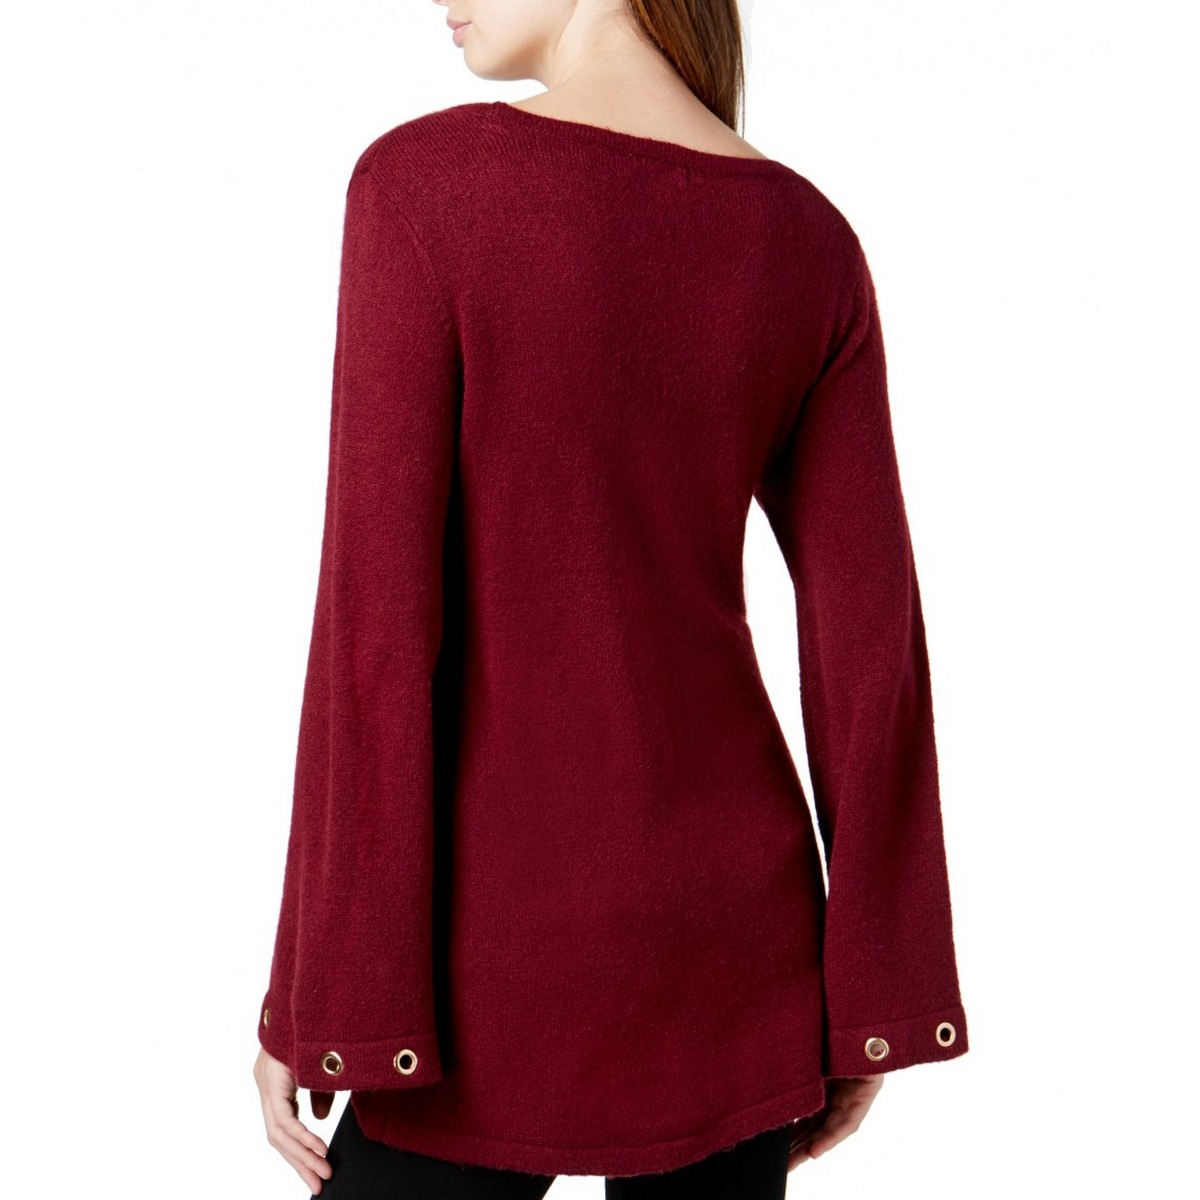 KENSIE-NEW-Women-039-s-Grommet-Bell-Sleeve-Crewneck-Sweater-Top-TEDO thumbnail 6